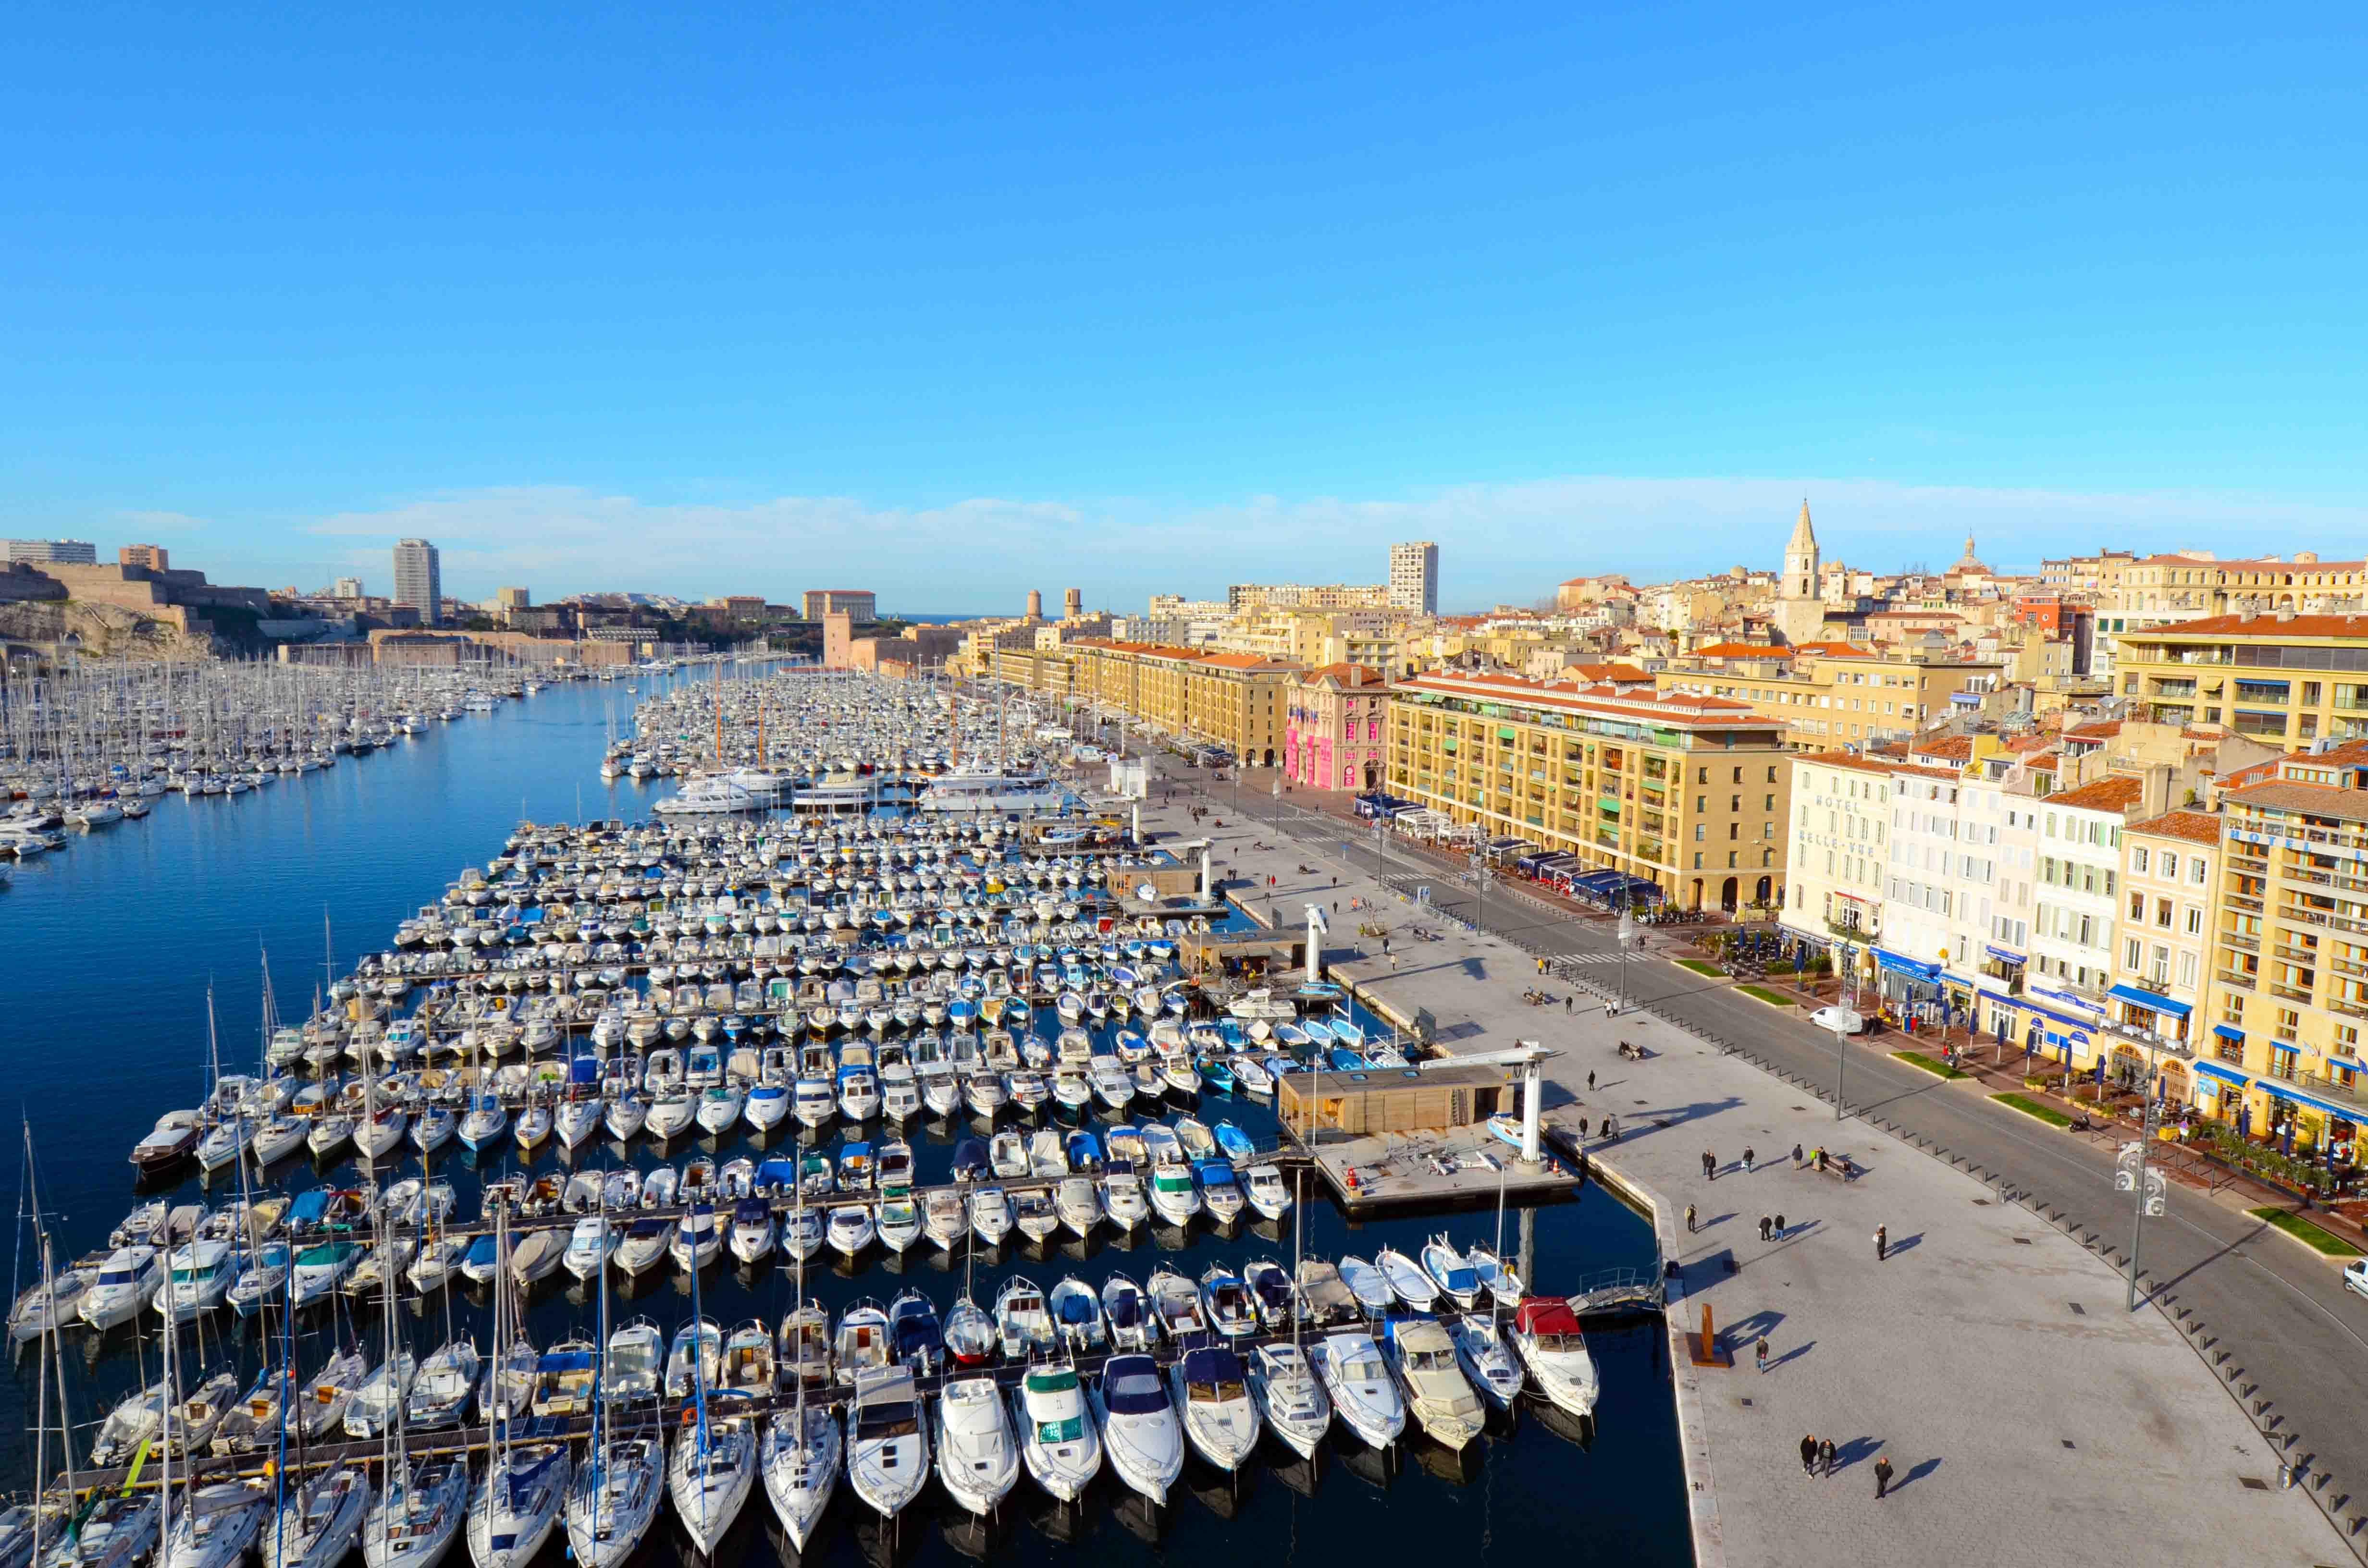 Vista do Porto de Marseille